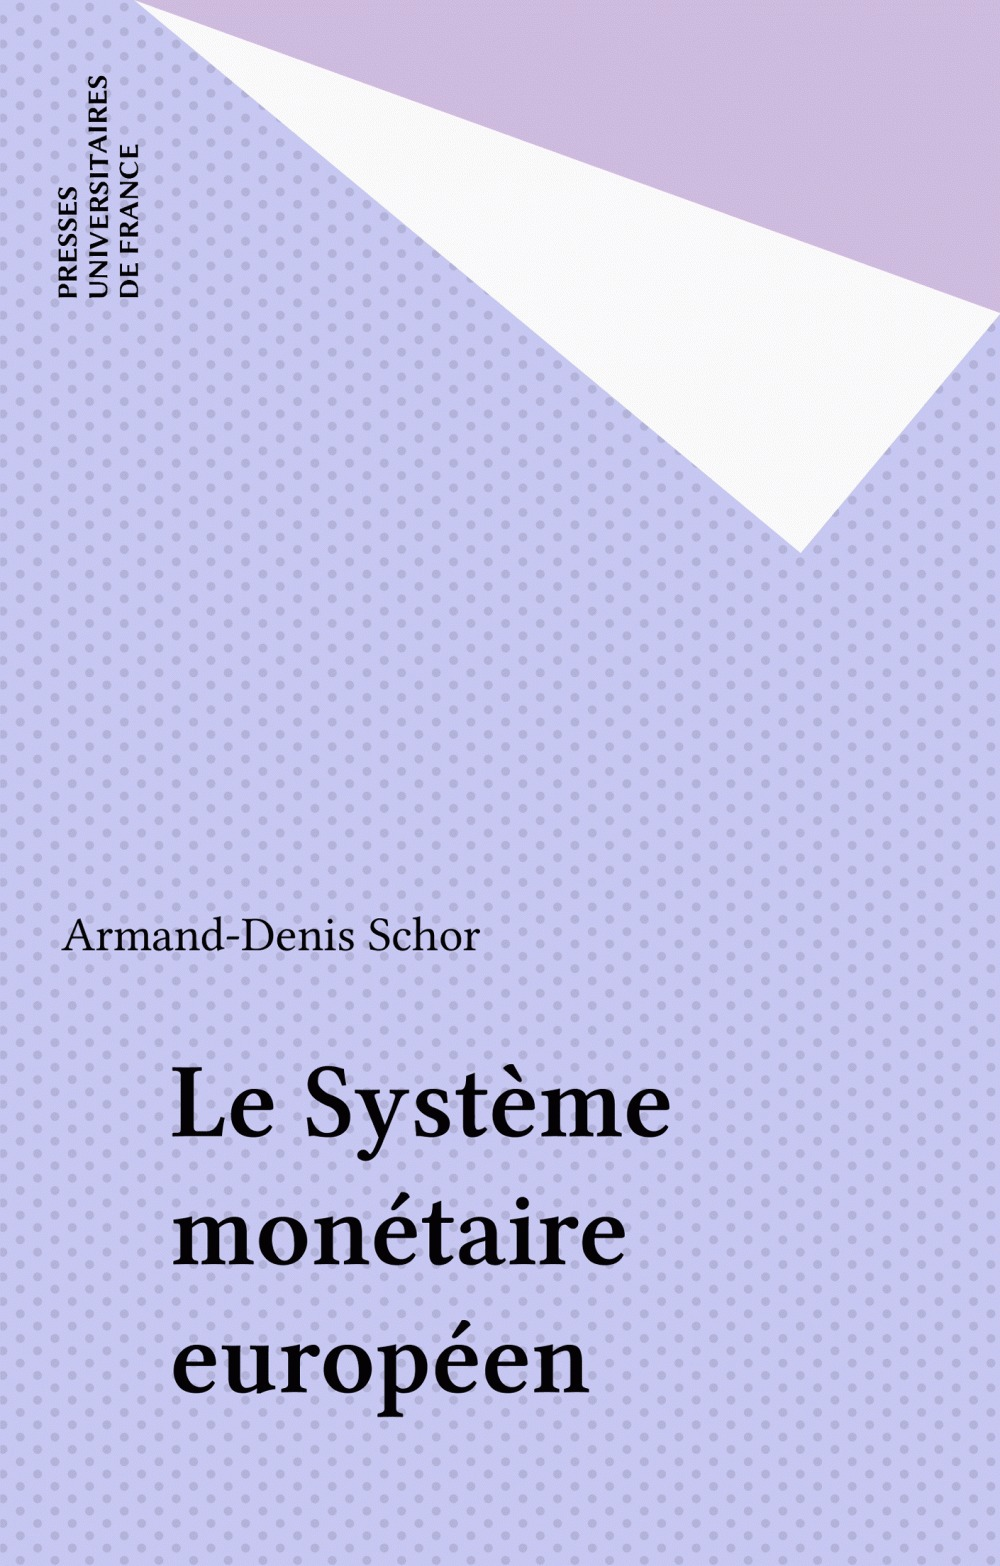 Le système monétaire européen